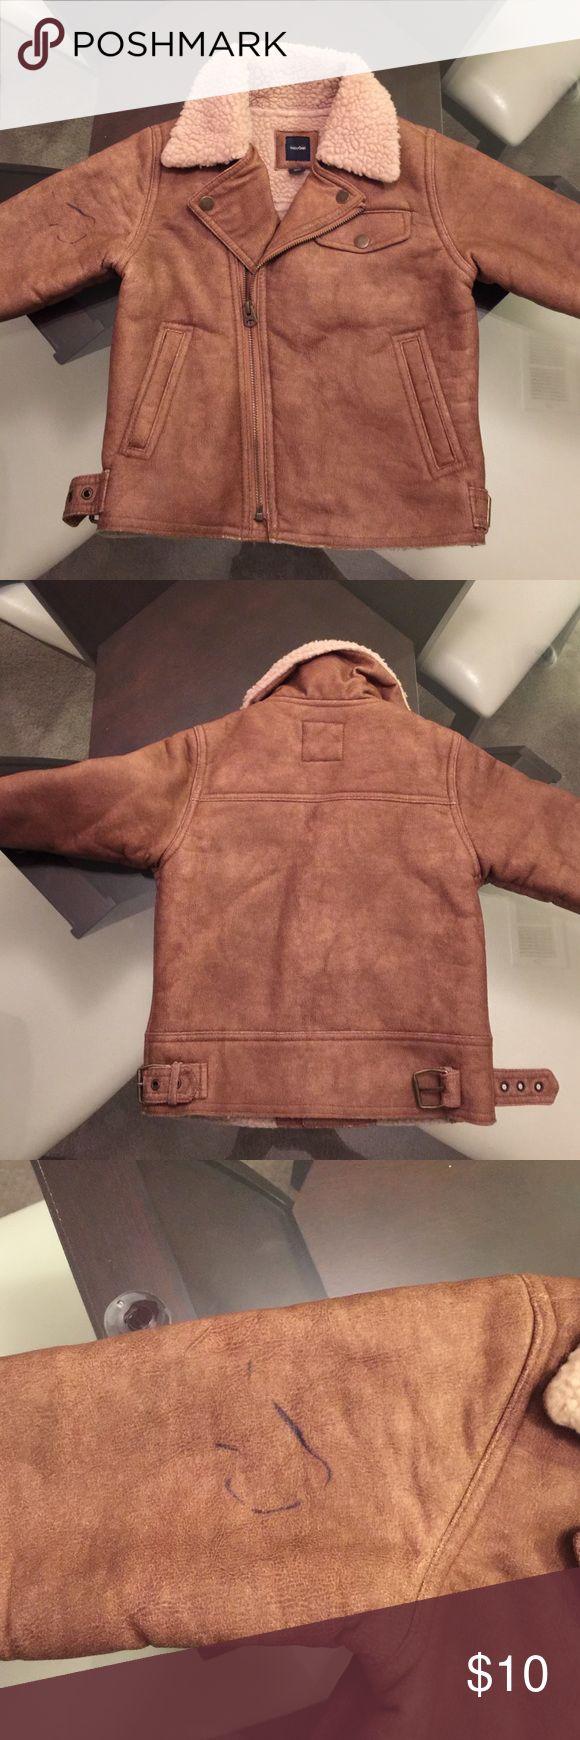 Baby gap jacket Baby gap jacket baby gap Jackets & Coats